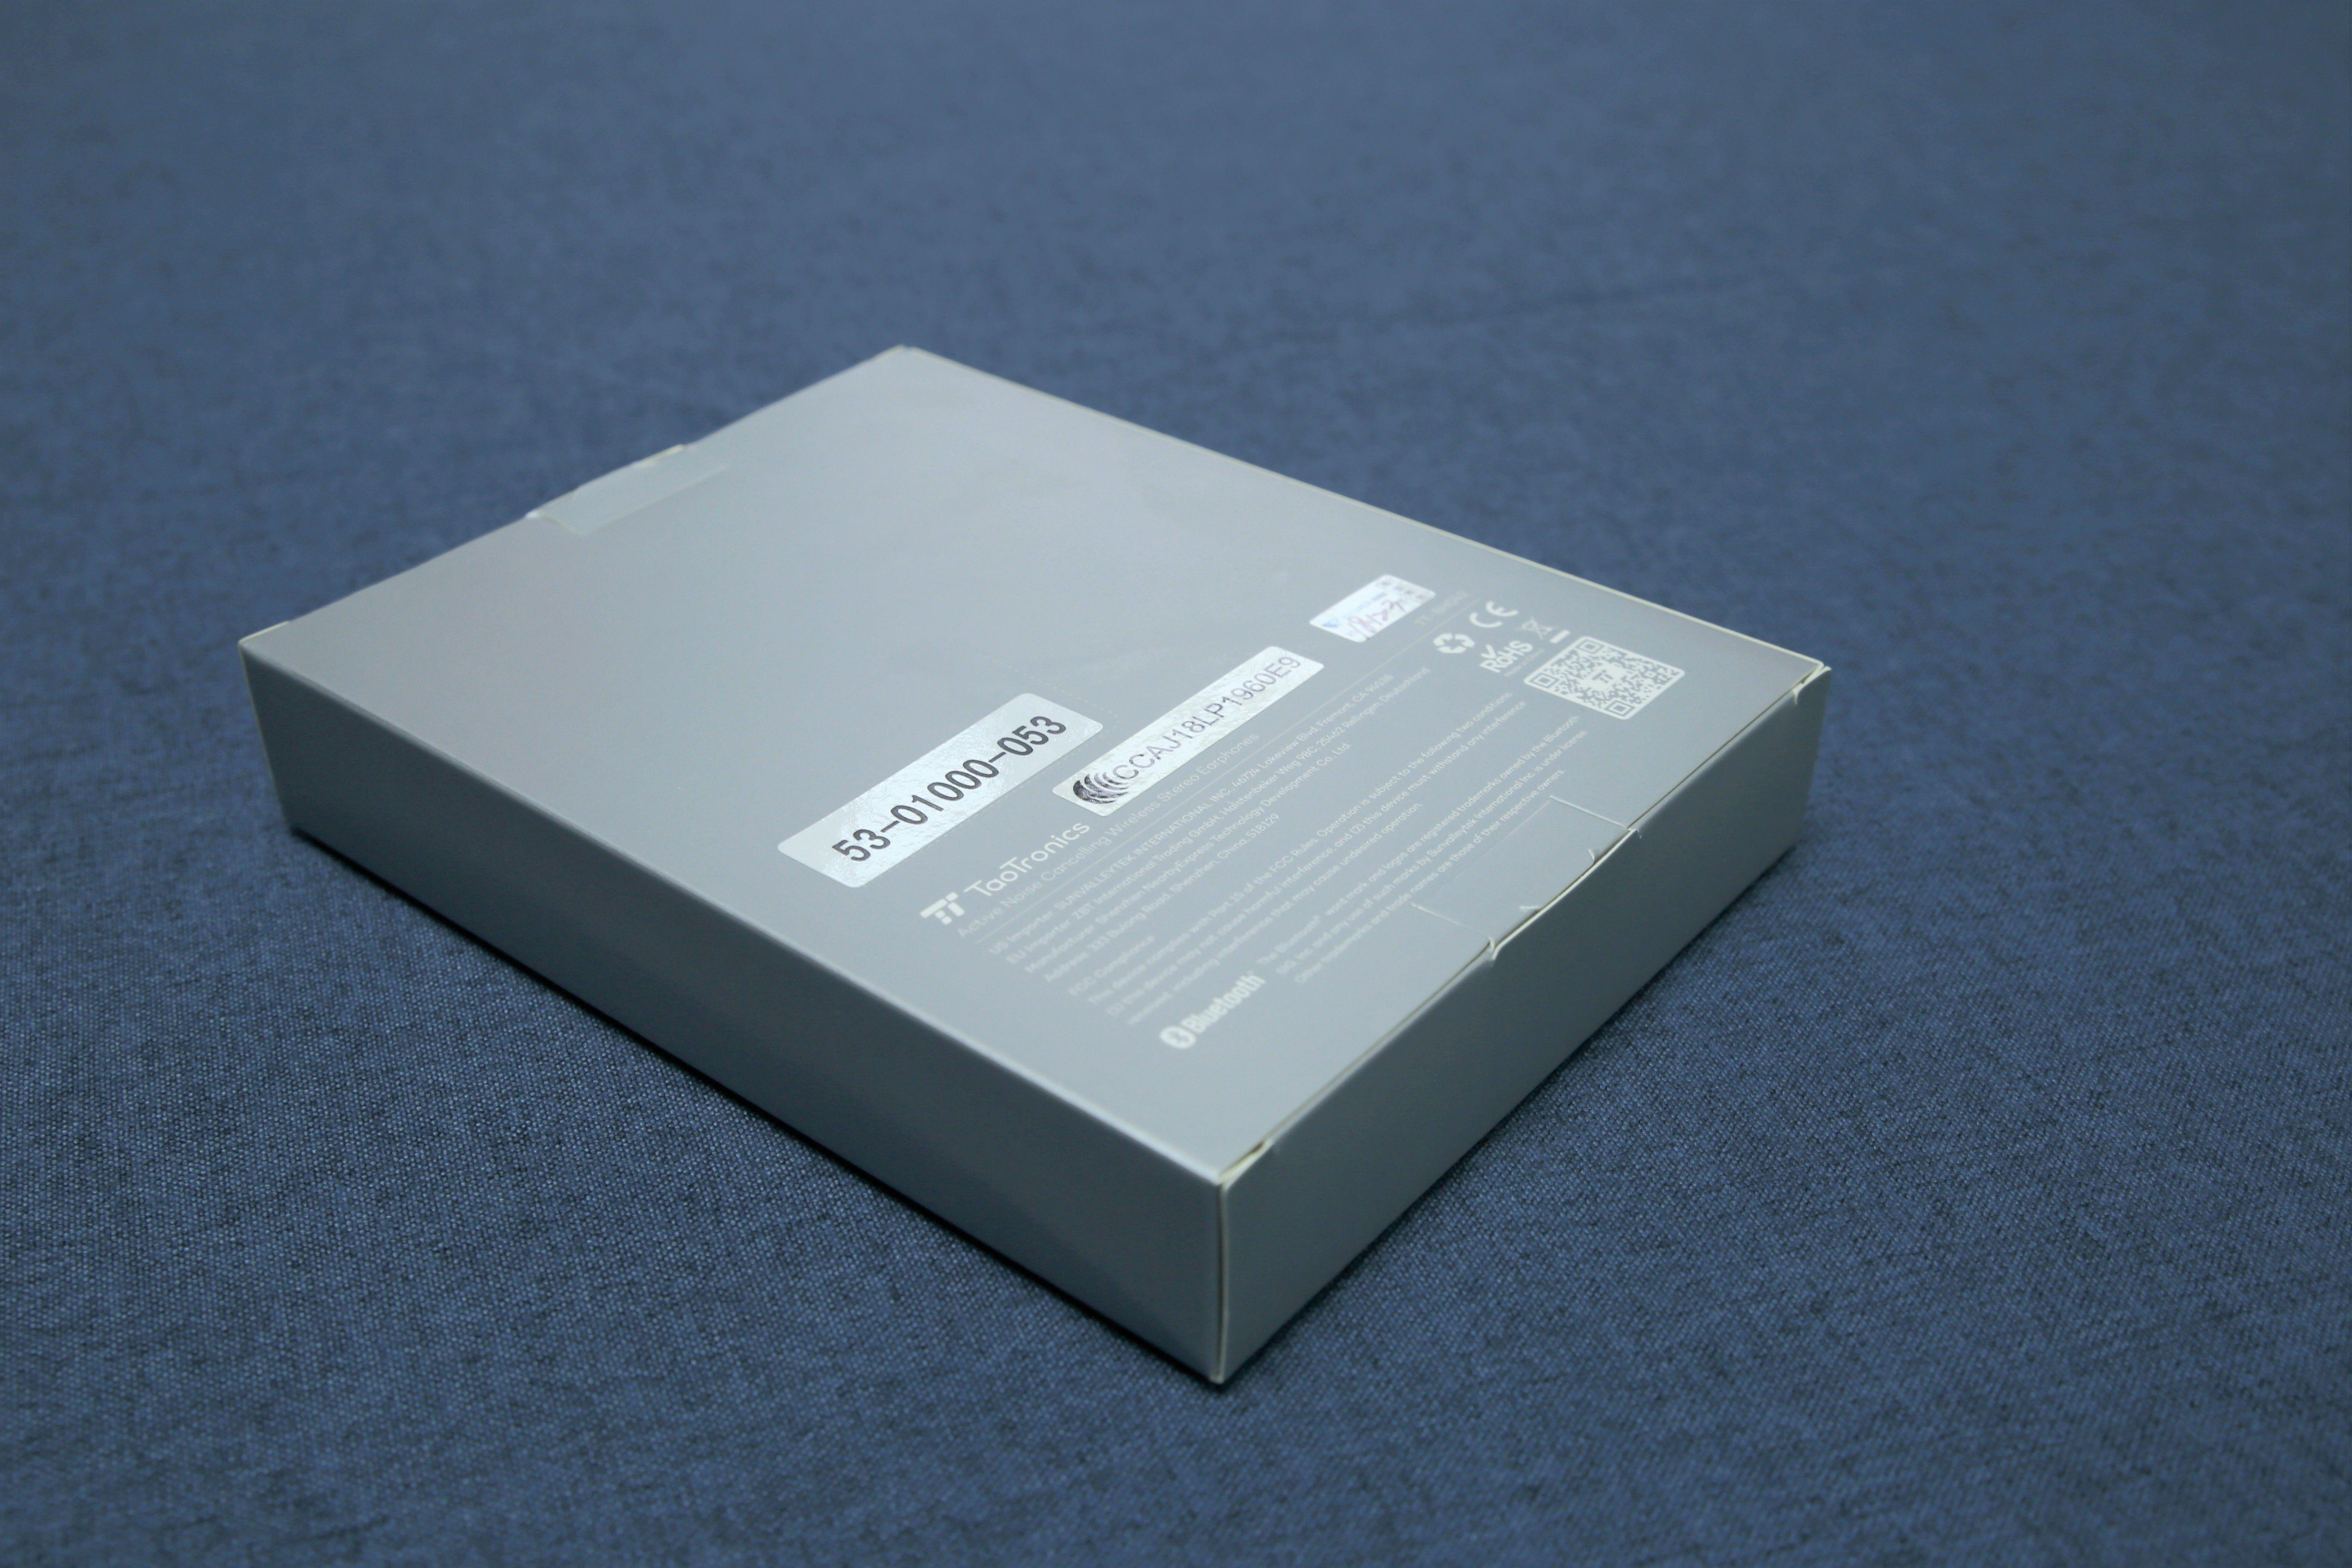 TaoTronics TT-BH042頸掛式降噪藍牙耳機 - 盒子的背面